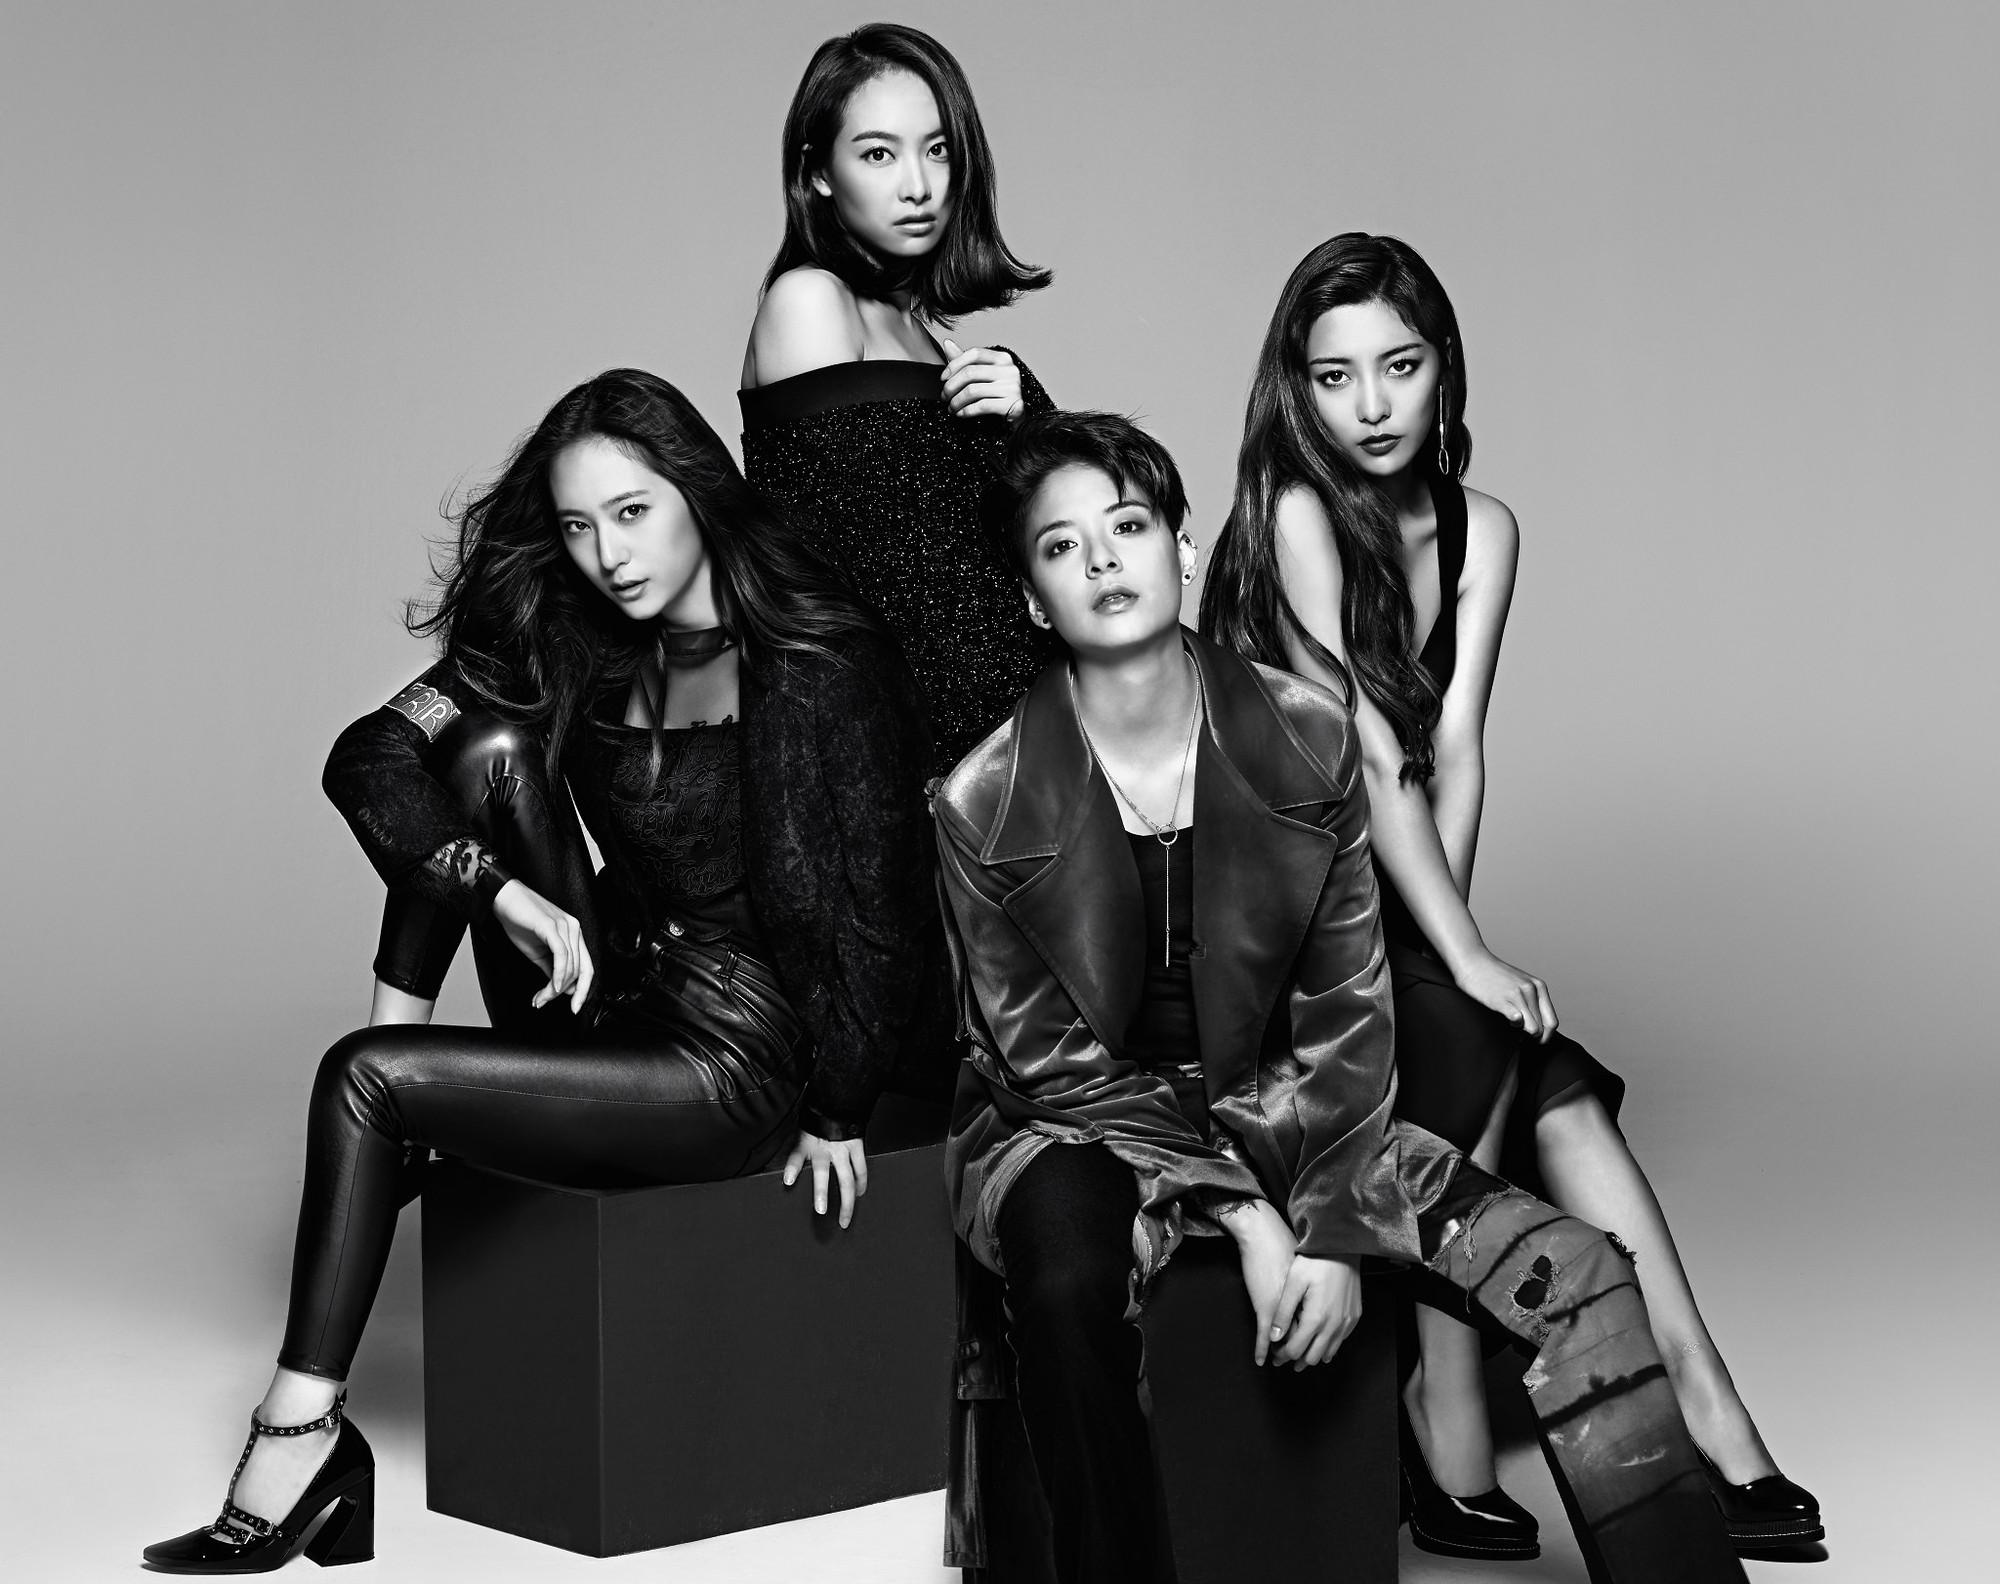 Sau 4 năm, cuối cùng SM cũng cho f(x) comeback? - Ảnh 2.